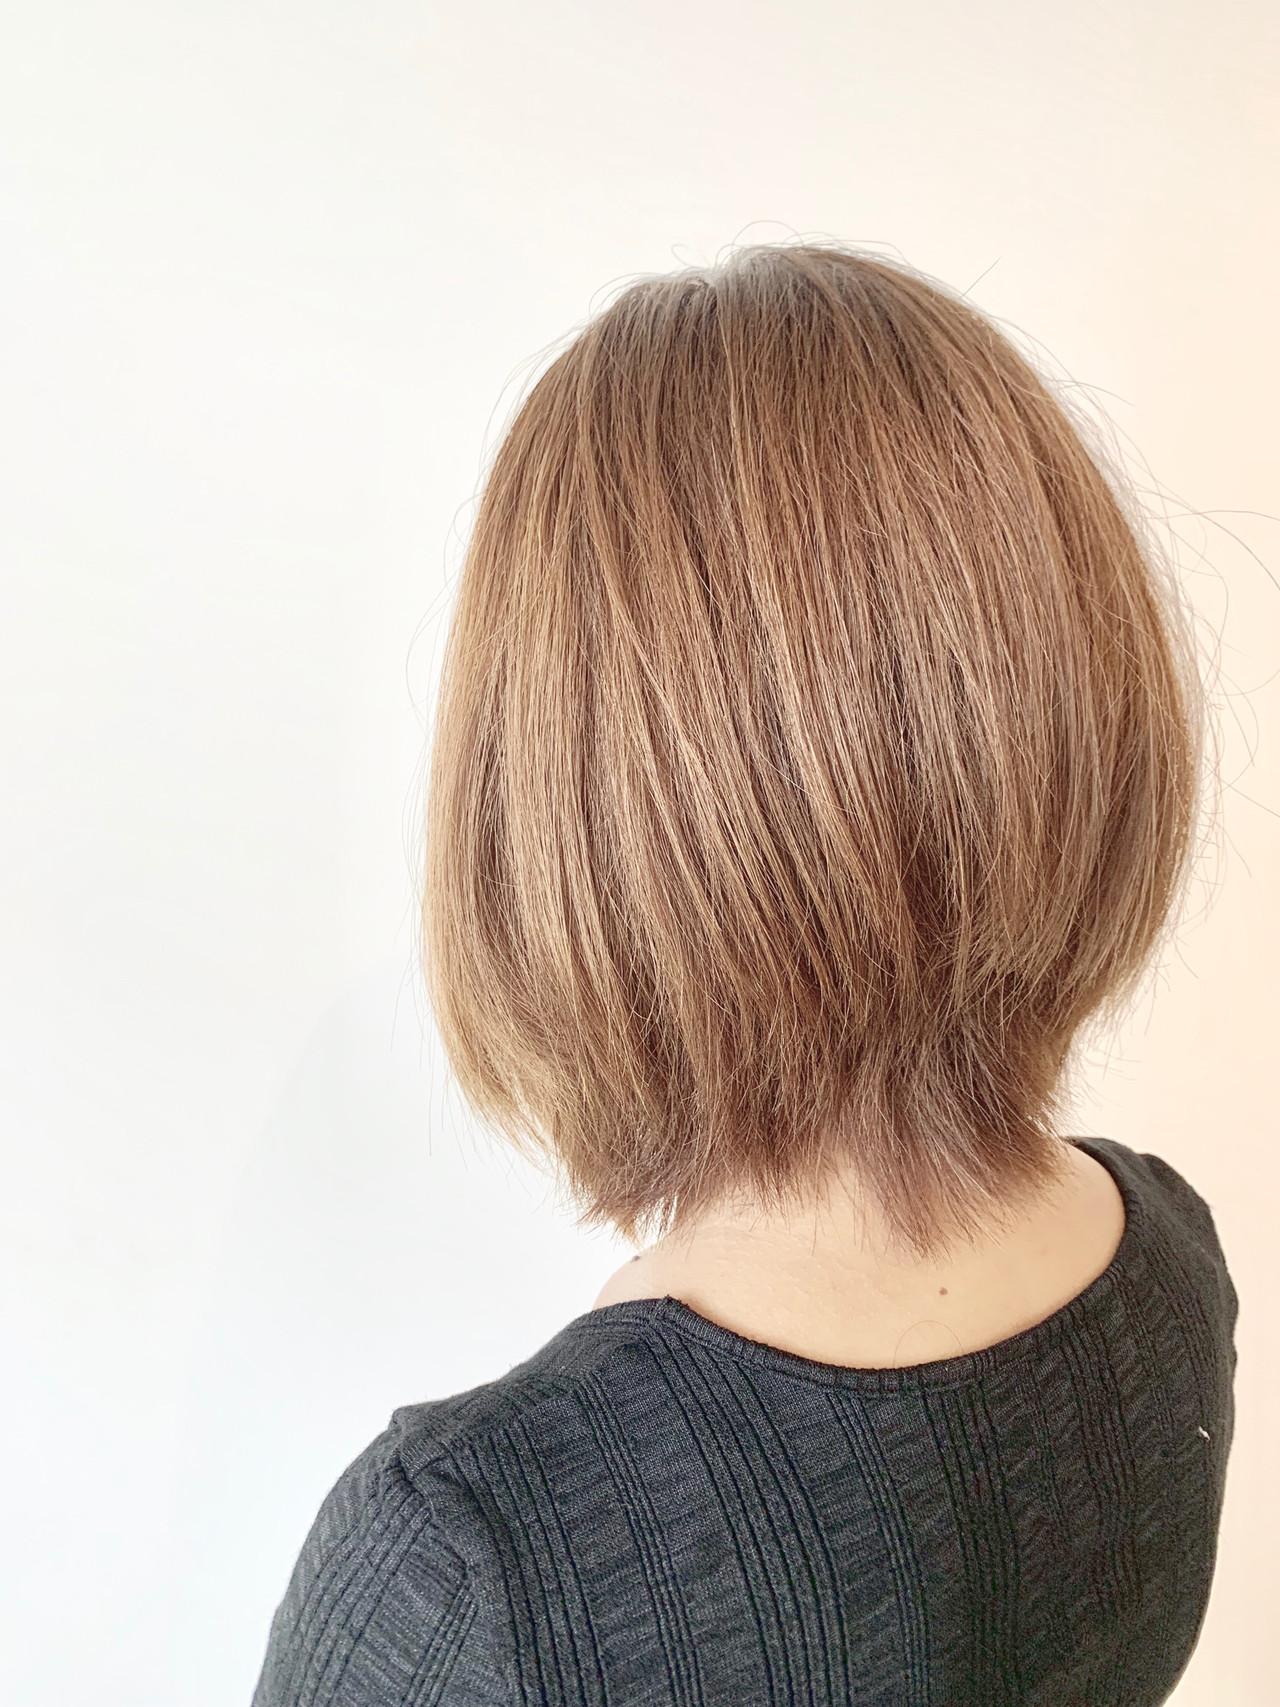 ボブ ショートボブ 簡単スタイリング 大人可愛い ヘアスタイルや髪型の写真・画像 | 村上 駿 / FRAMES hair design